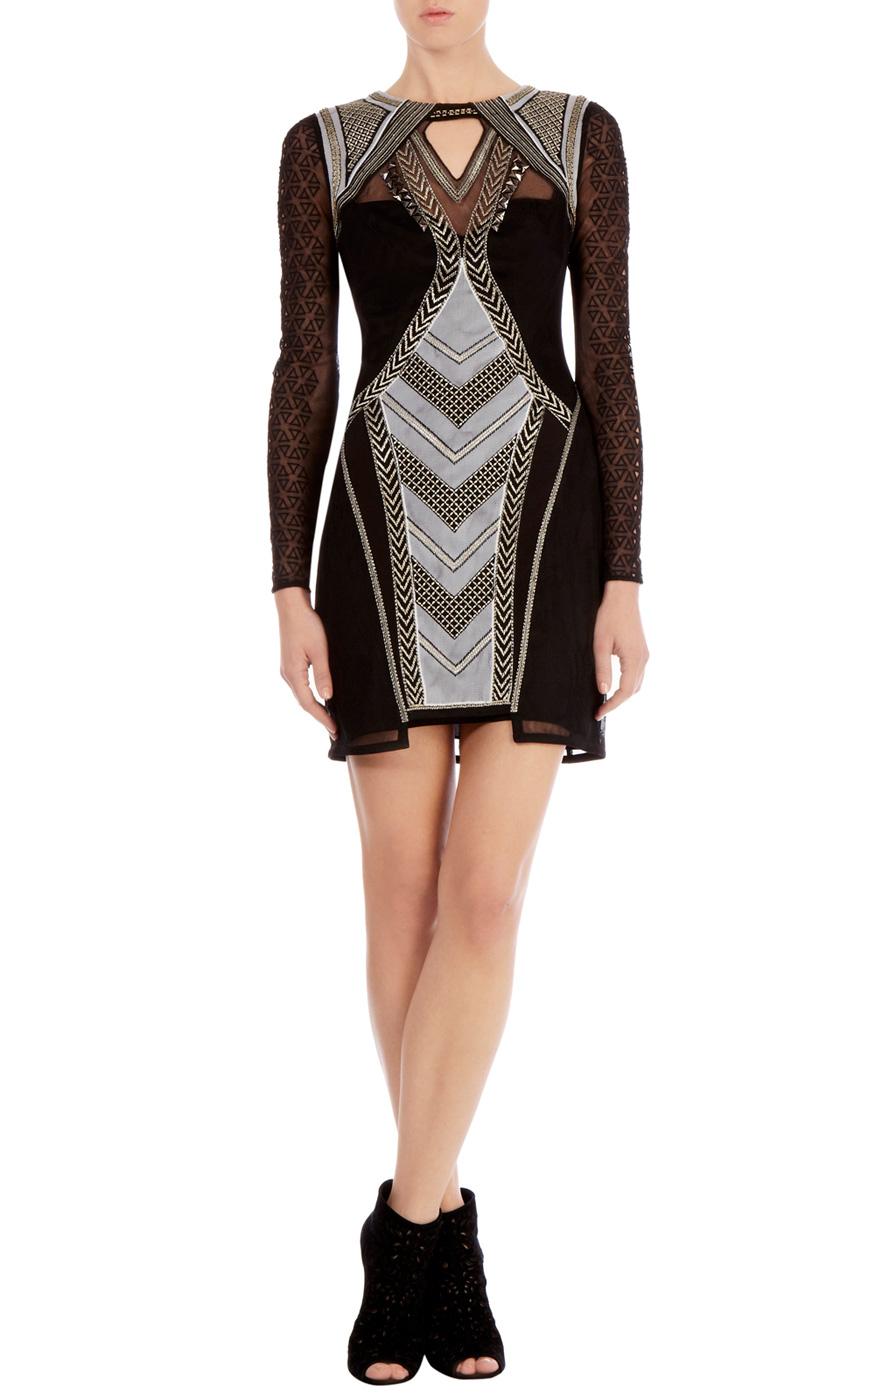 Karen Millen Geometric Embroidery Dress In Black Lyst